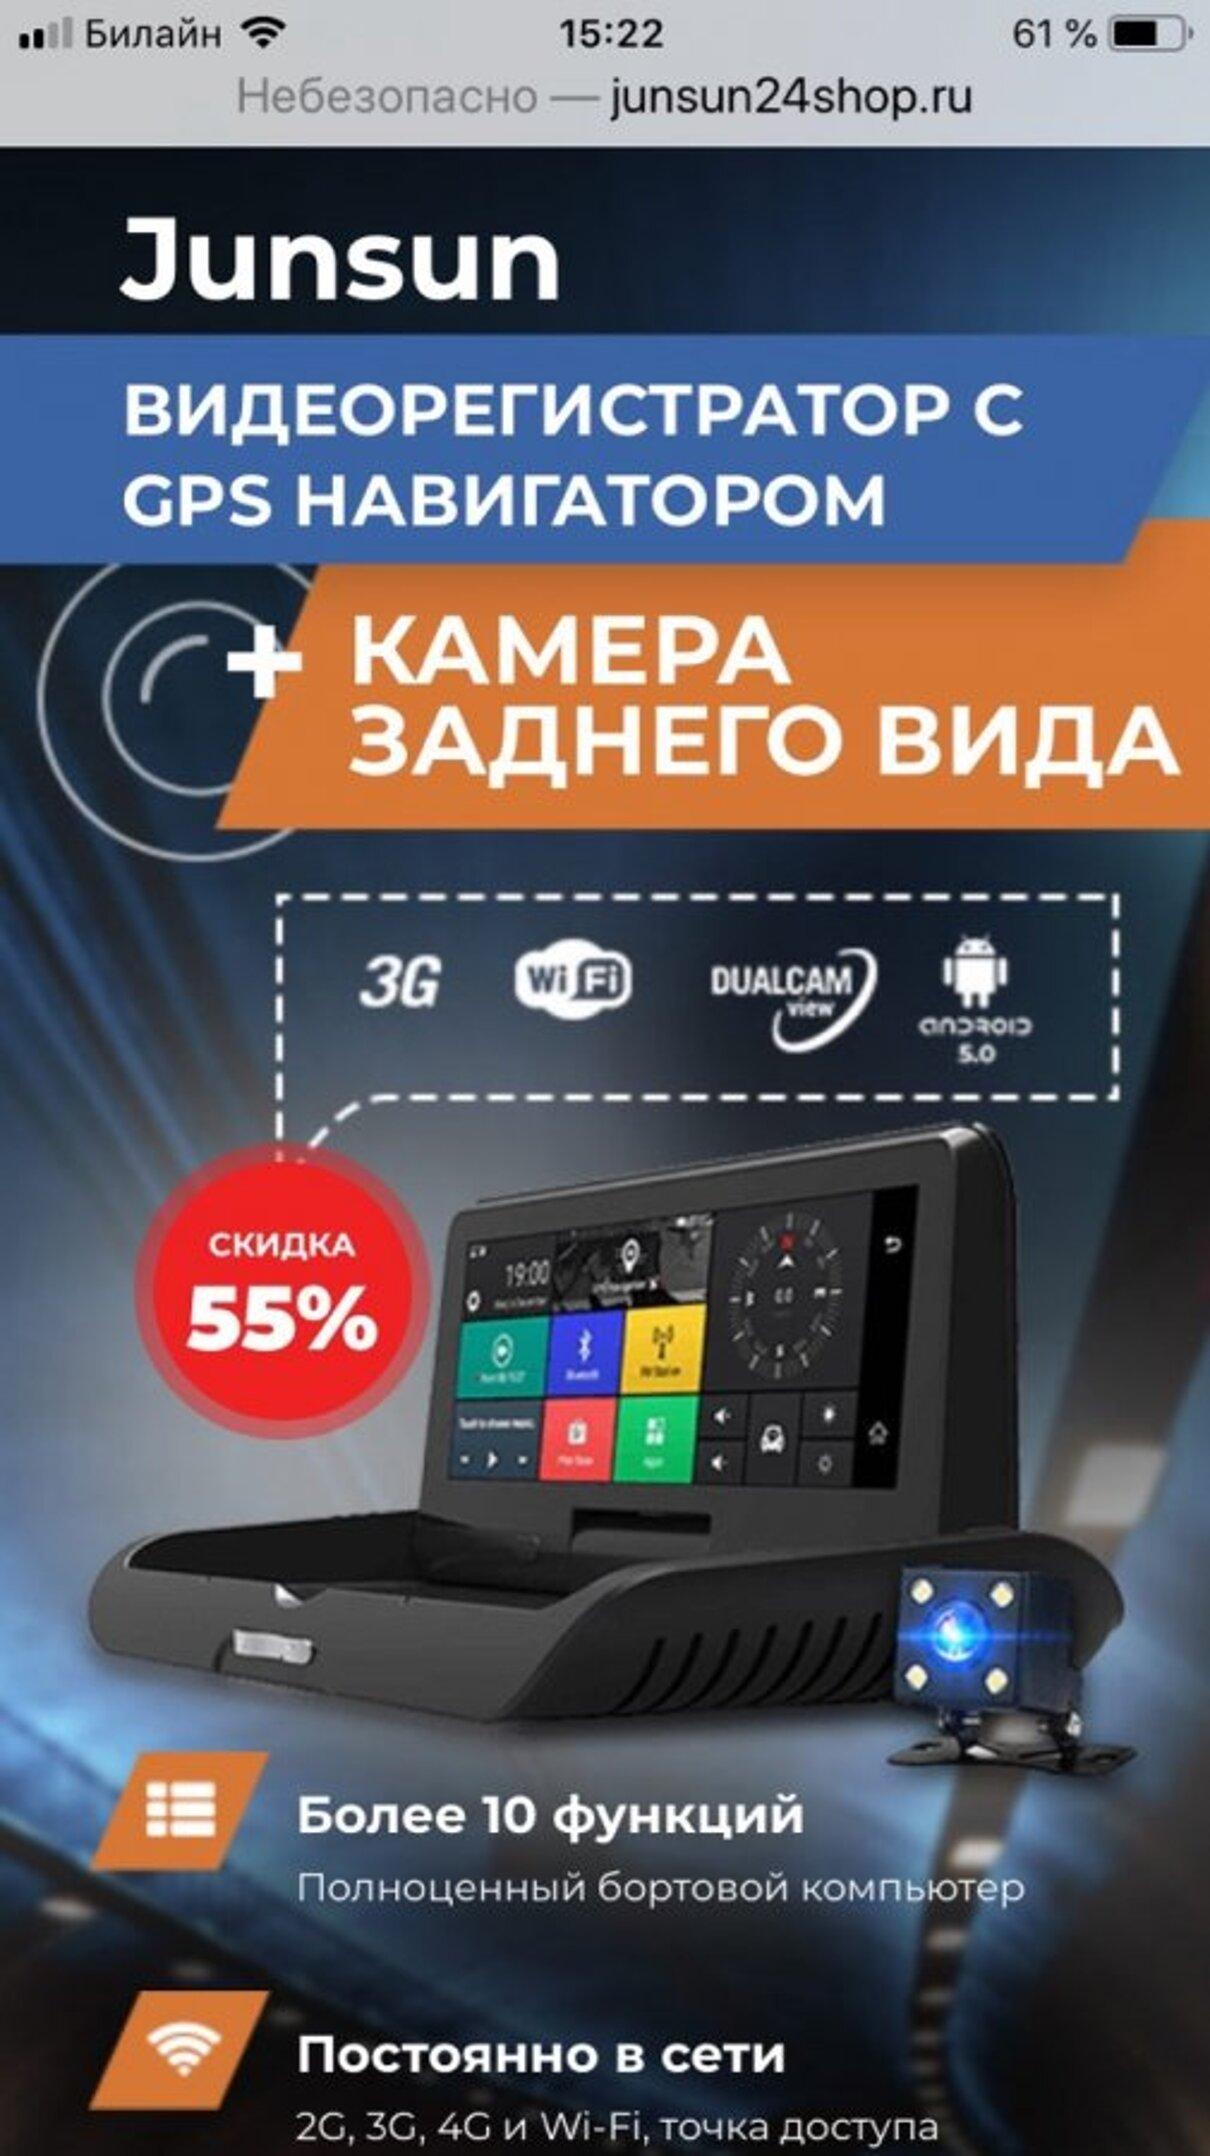 Жалоба-отзыв: Видеорегистратор с GPS навигатором junsun, реклама на сайте в WK junsun24shop.ru - Поступил не тот товар.  Фото №1